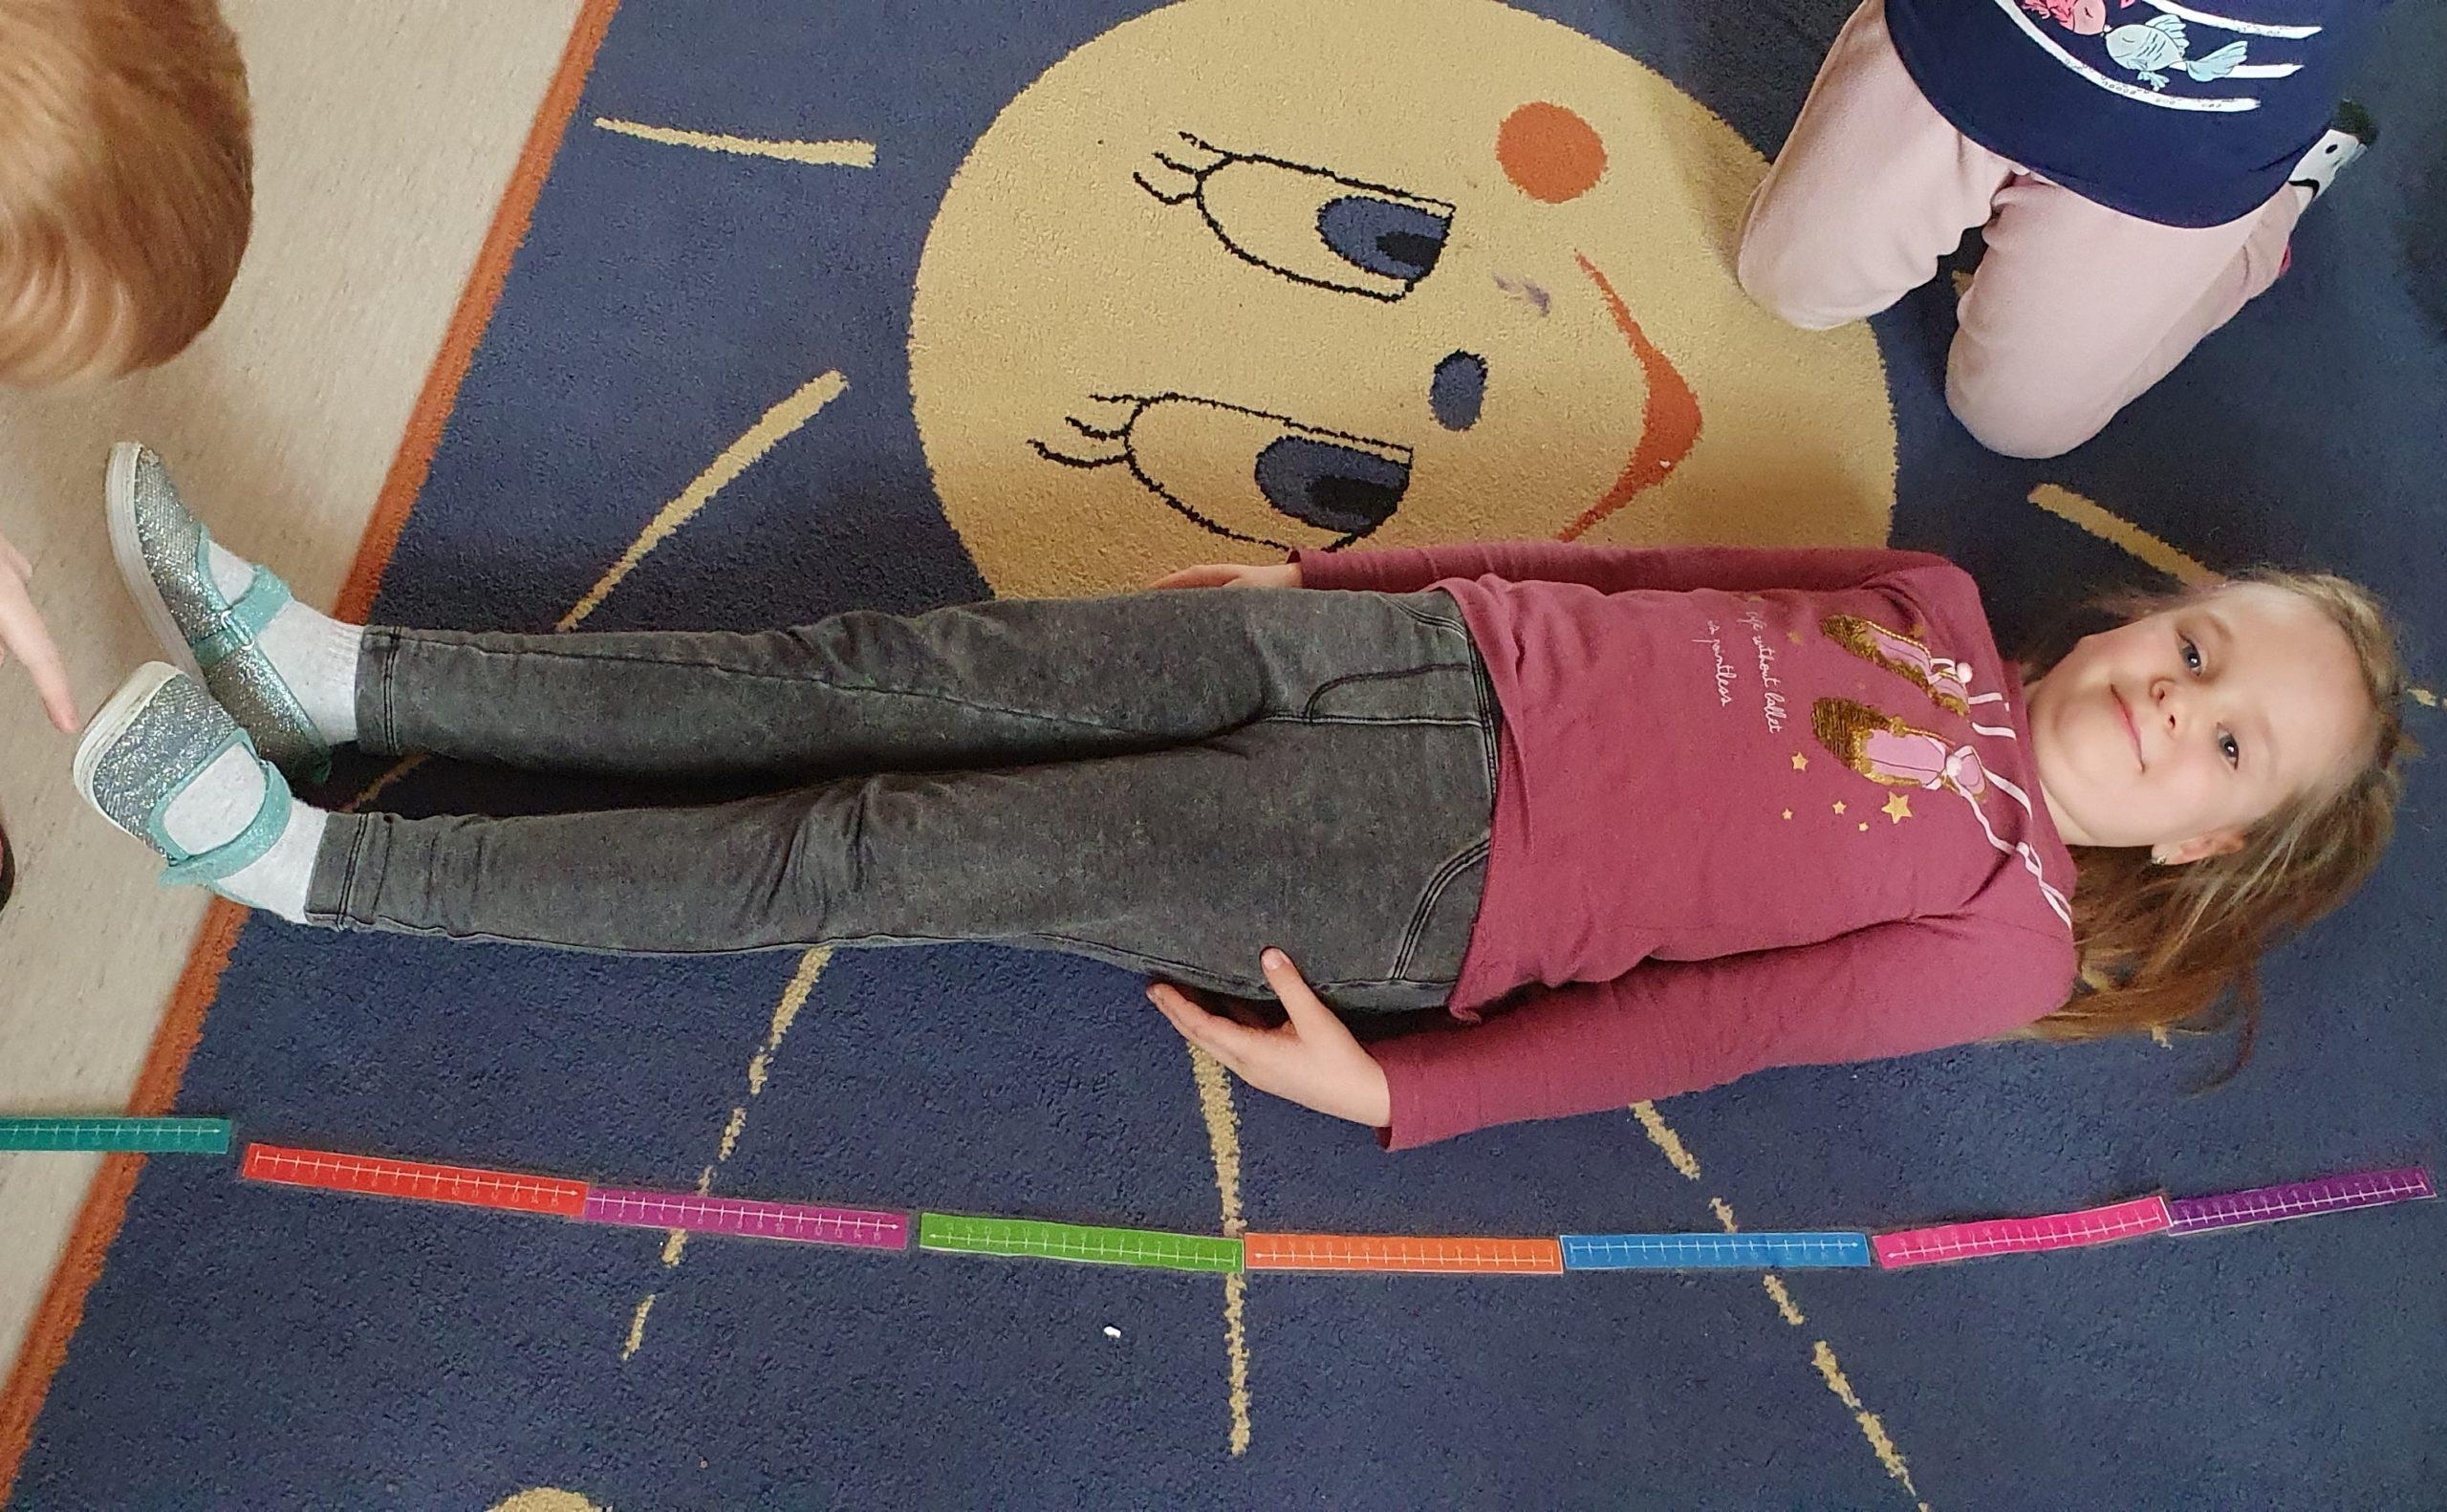 Dziewczynka leży na dywanie. Obok kolorwe miarki